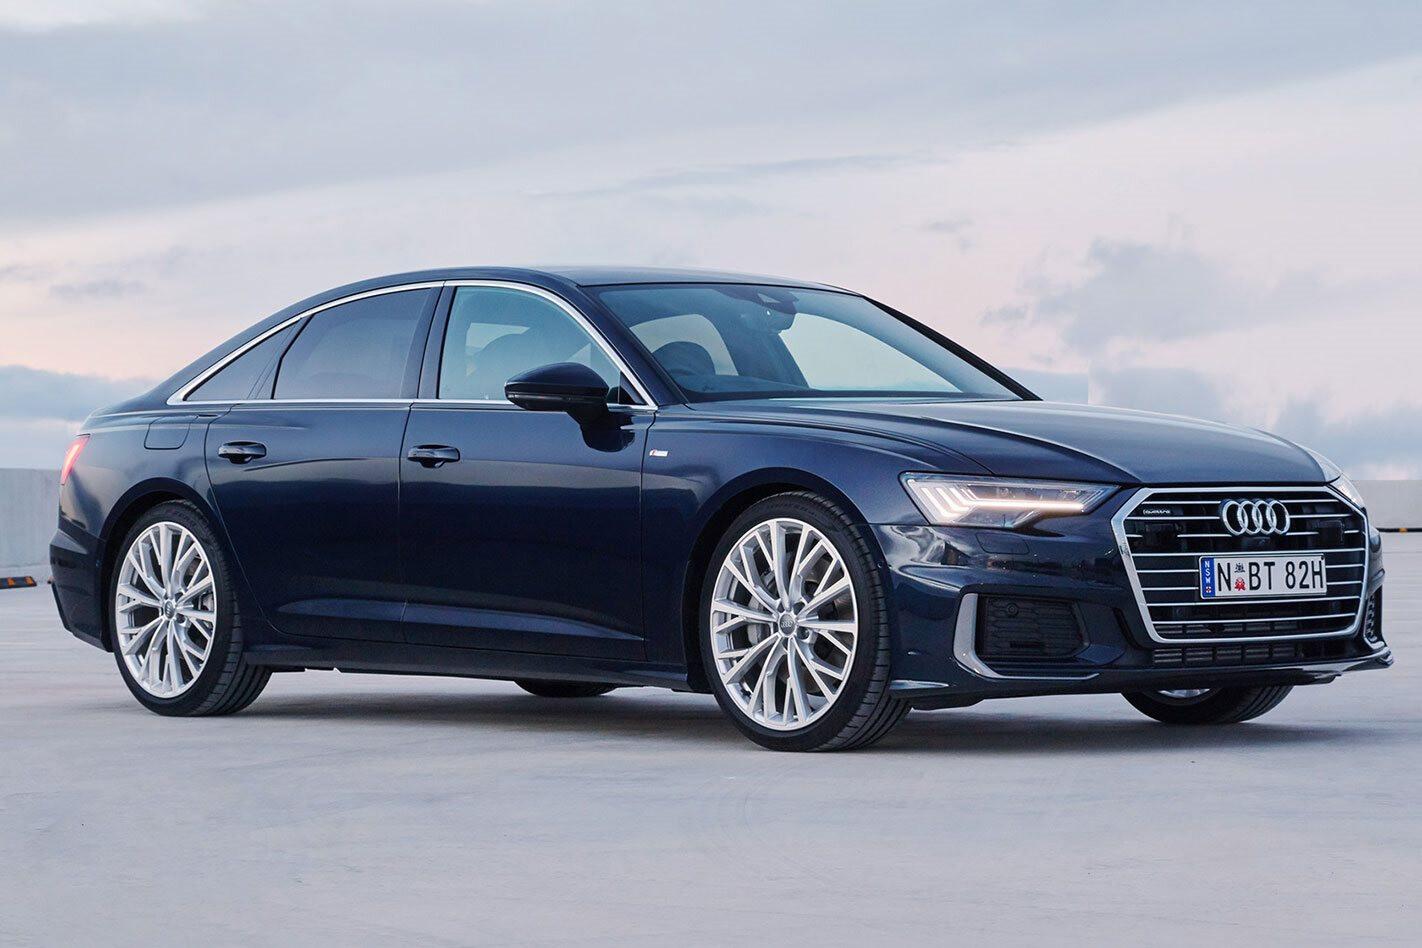 2020 Audi A6 55 TFSI Review